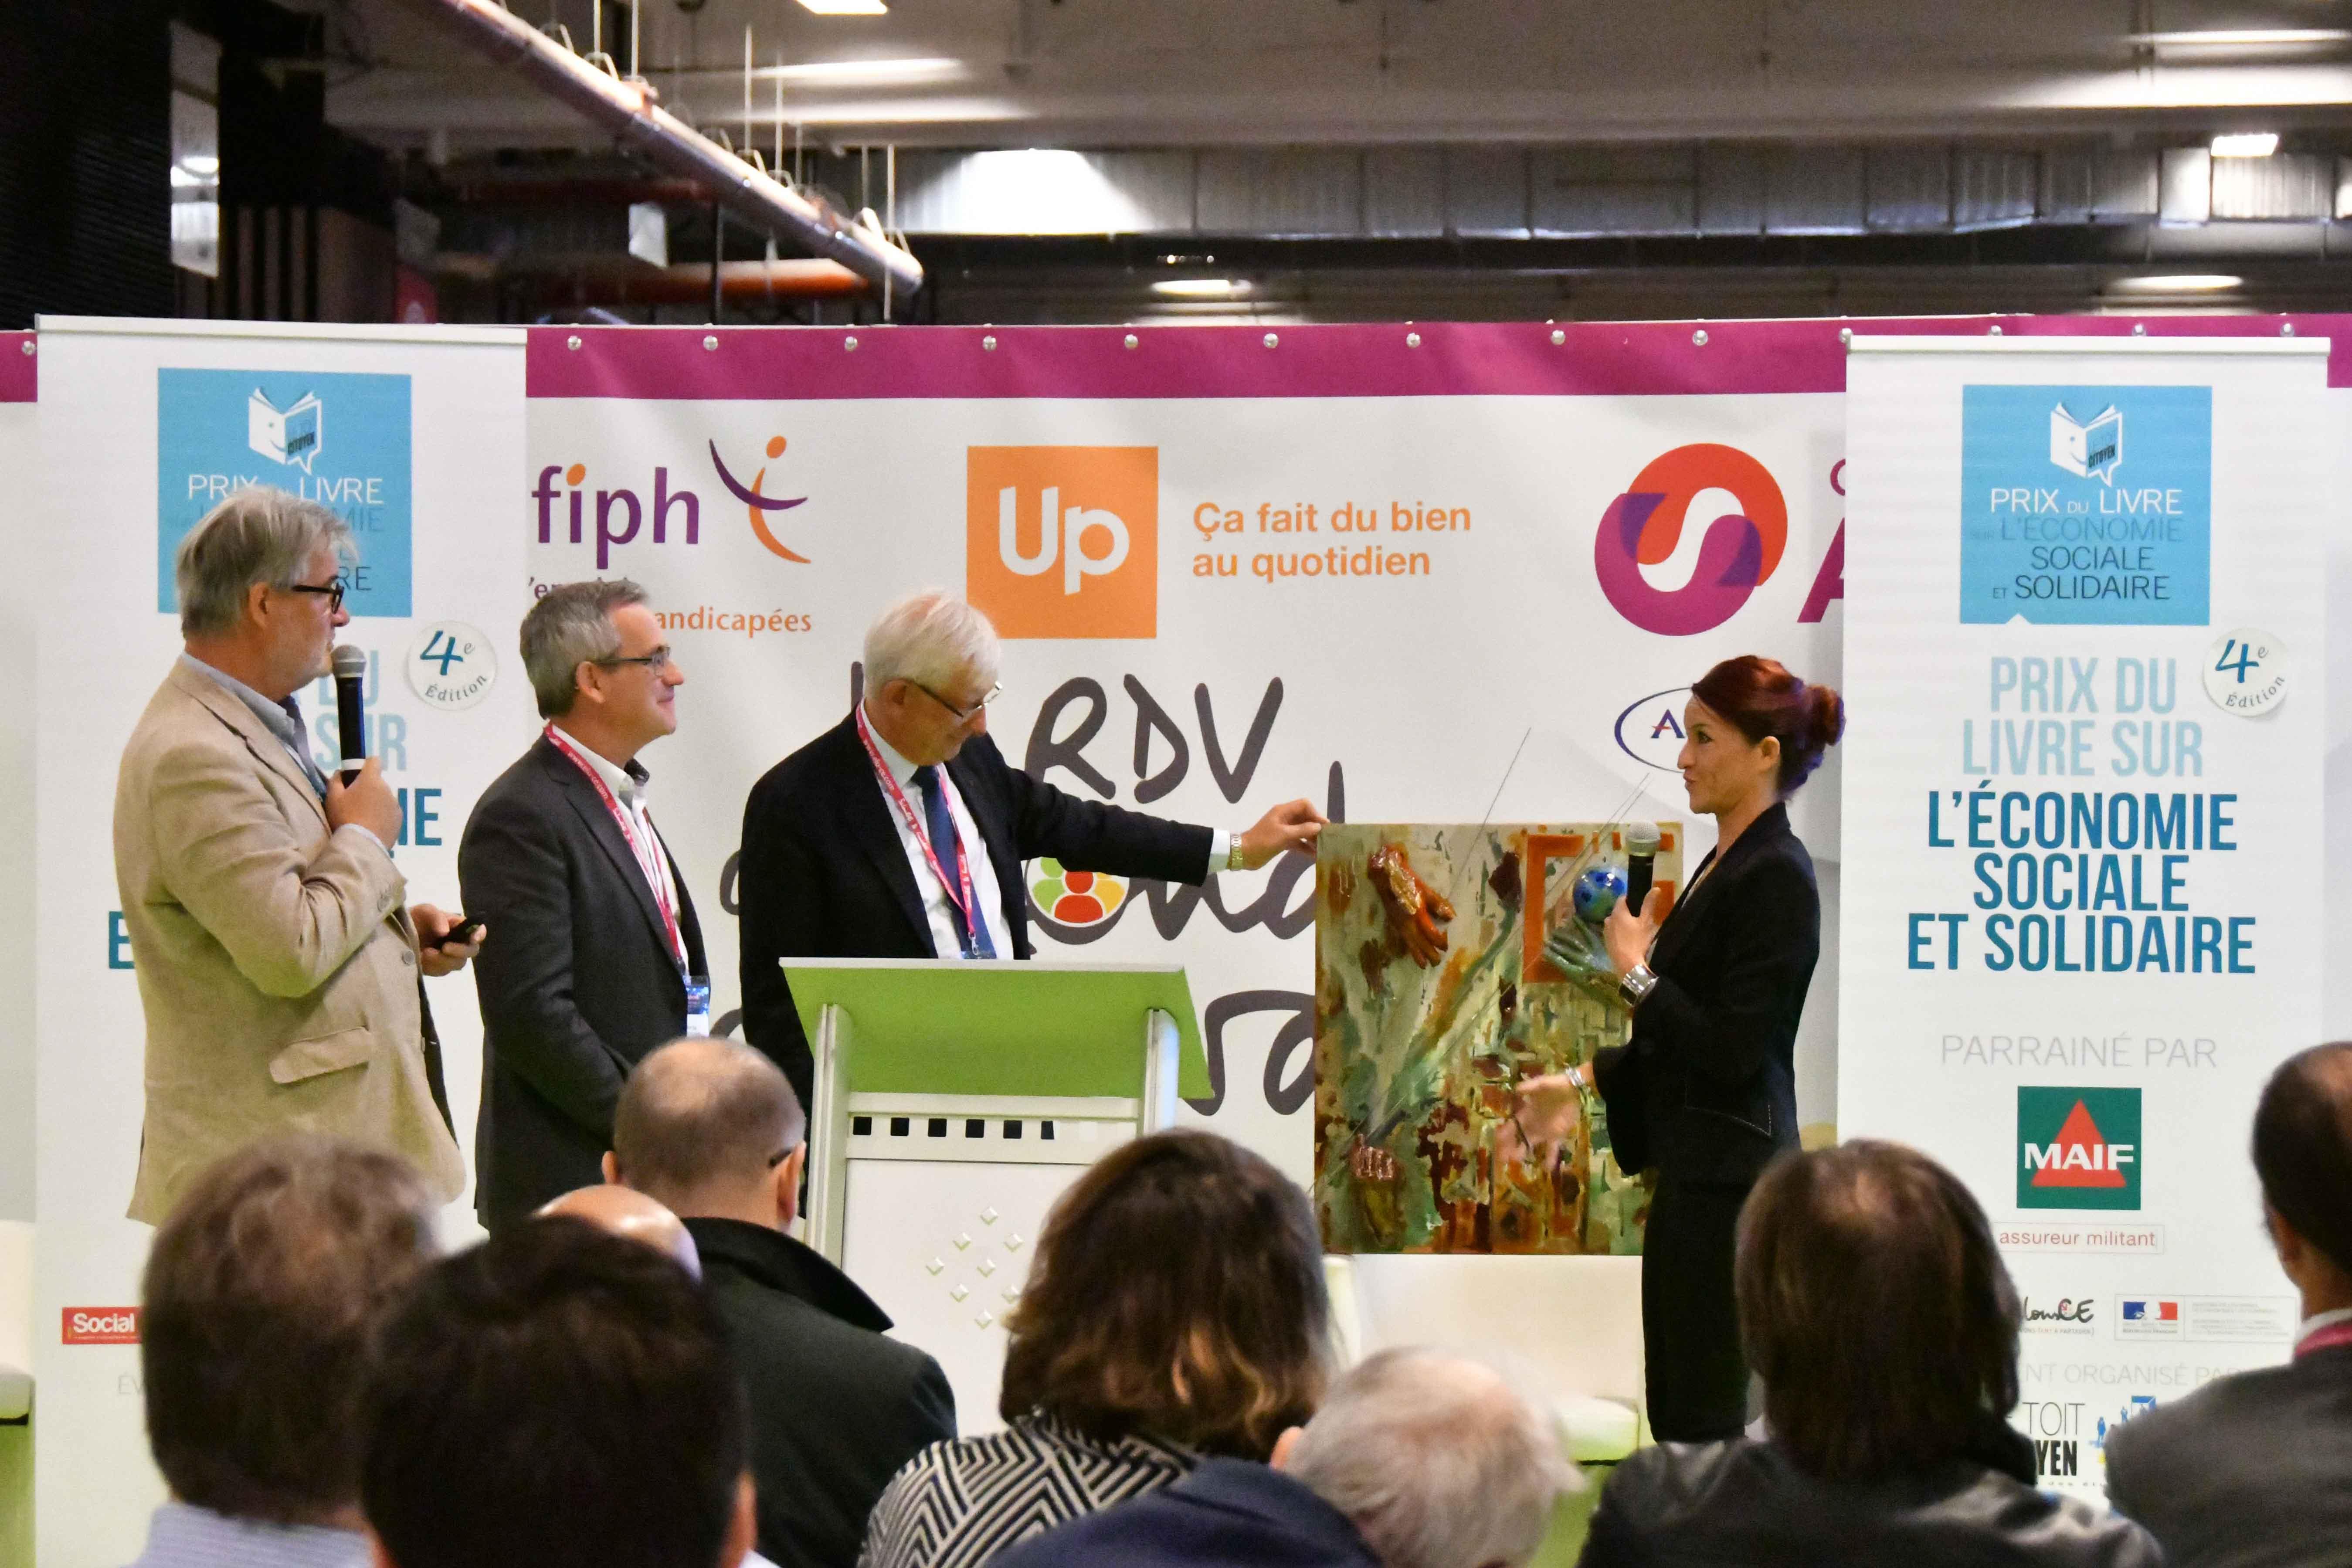 Roger Belot apprécie le talent de Delphine Laurent et n'oublie pas que la MAIF organise depuis 10 ans un prix pour la sculpture (plasticien ayant accès au bronze) décerné en 2016 à François-Noé Fabre. Photo : Catherine Cros.